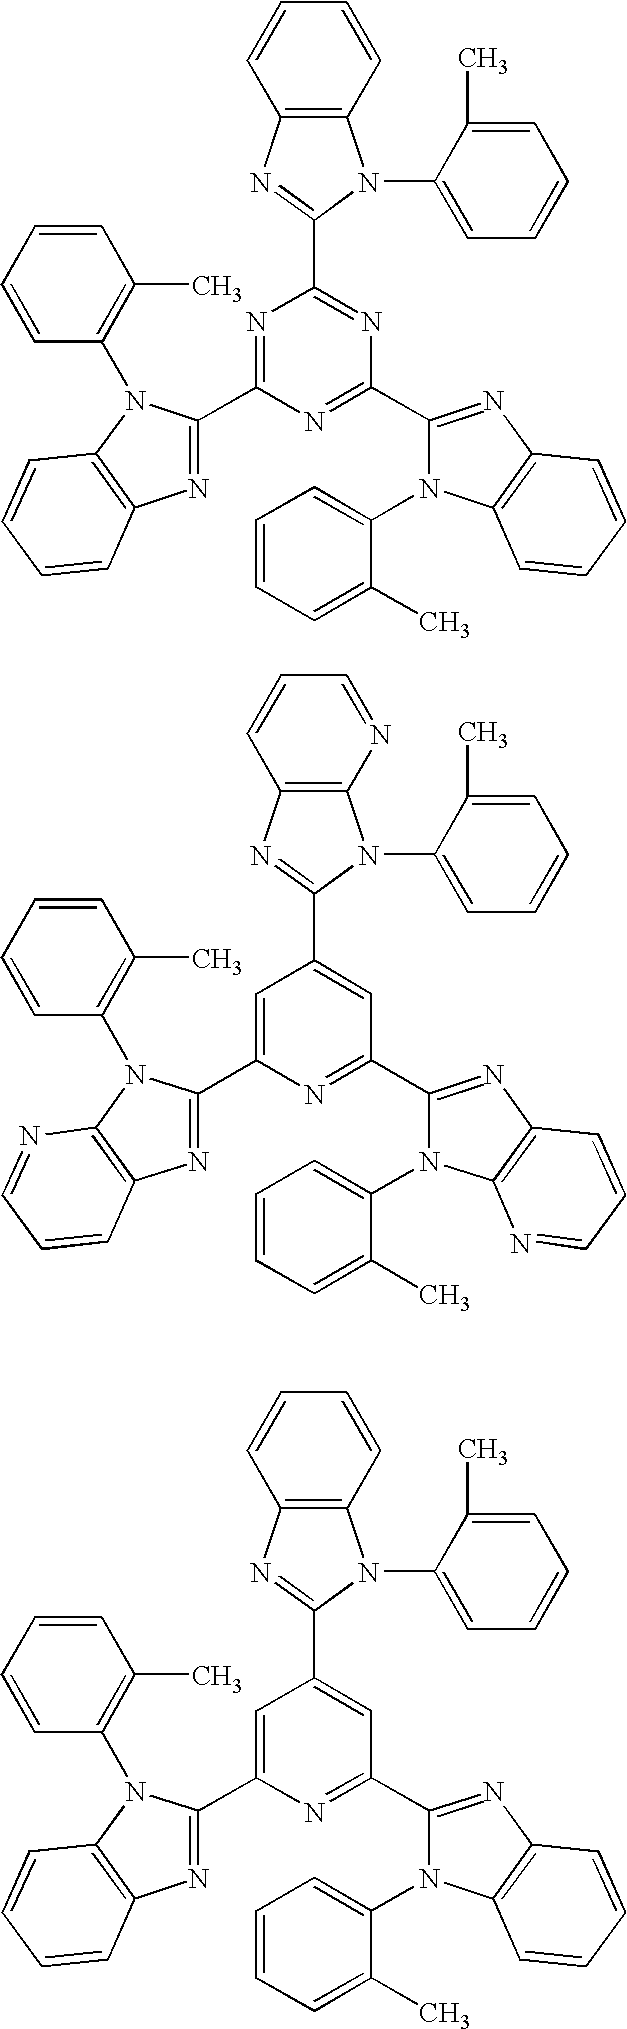 Figure US20070069638A1-20070329-C00026